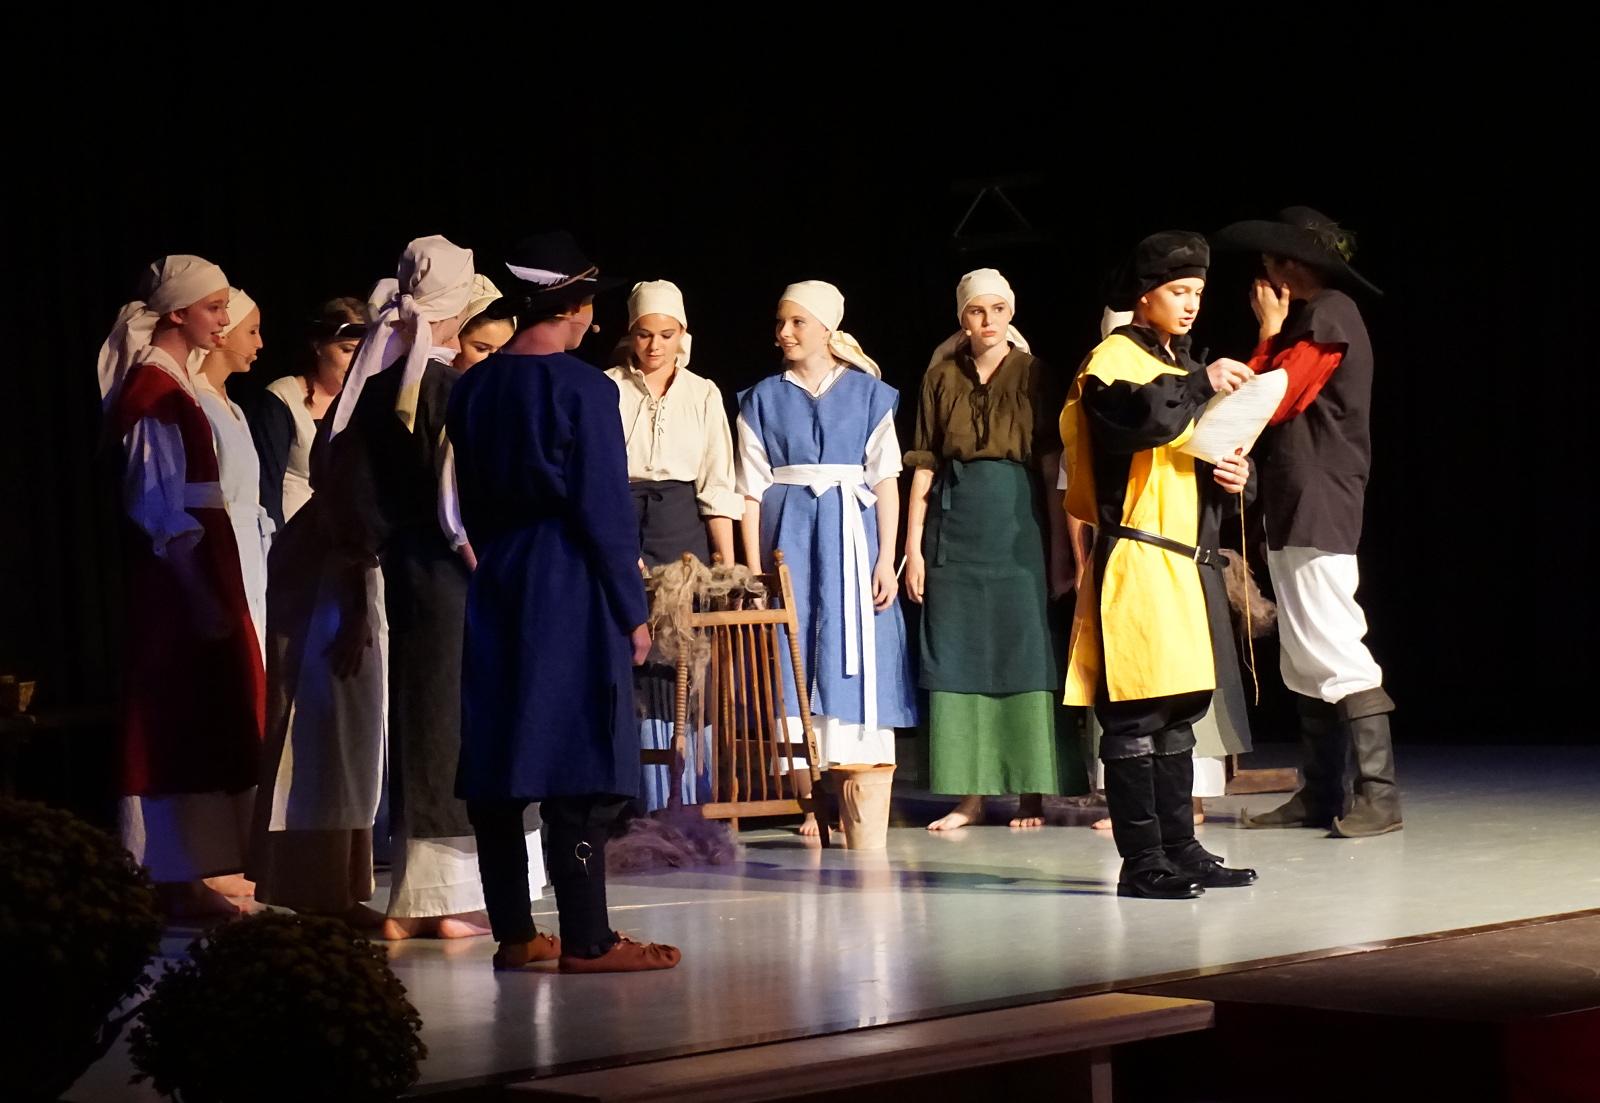 Verlesung des Stadtbriefs von 1364 durch die Theater-AG der Erich-Kästner-Schule und der Anne-Frank-Realschule